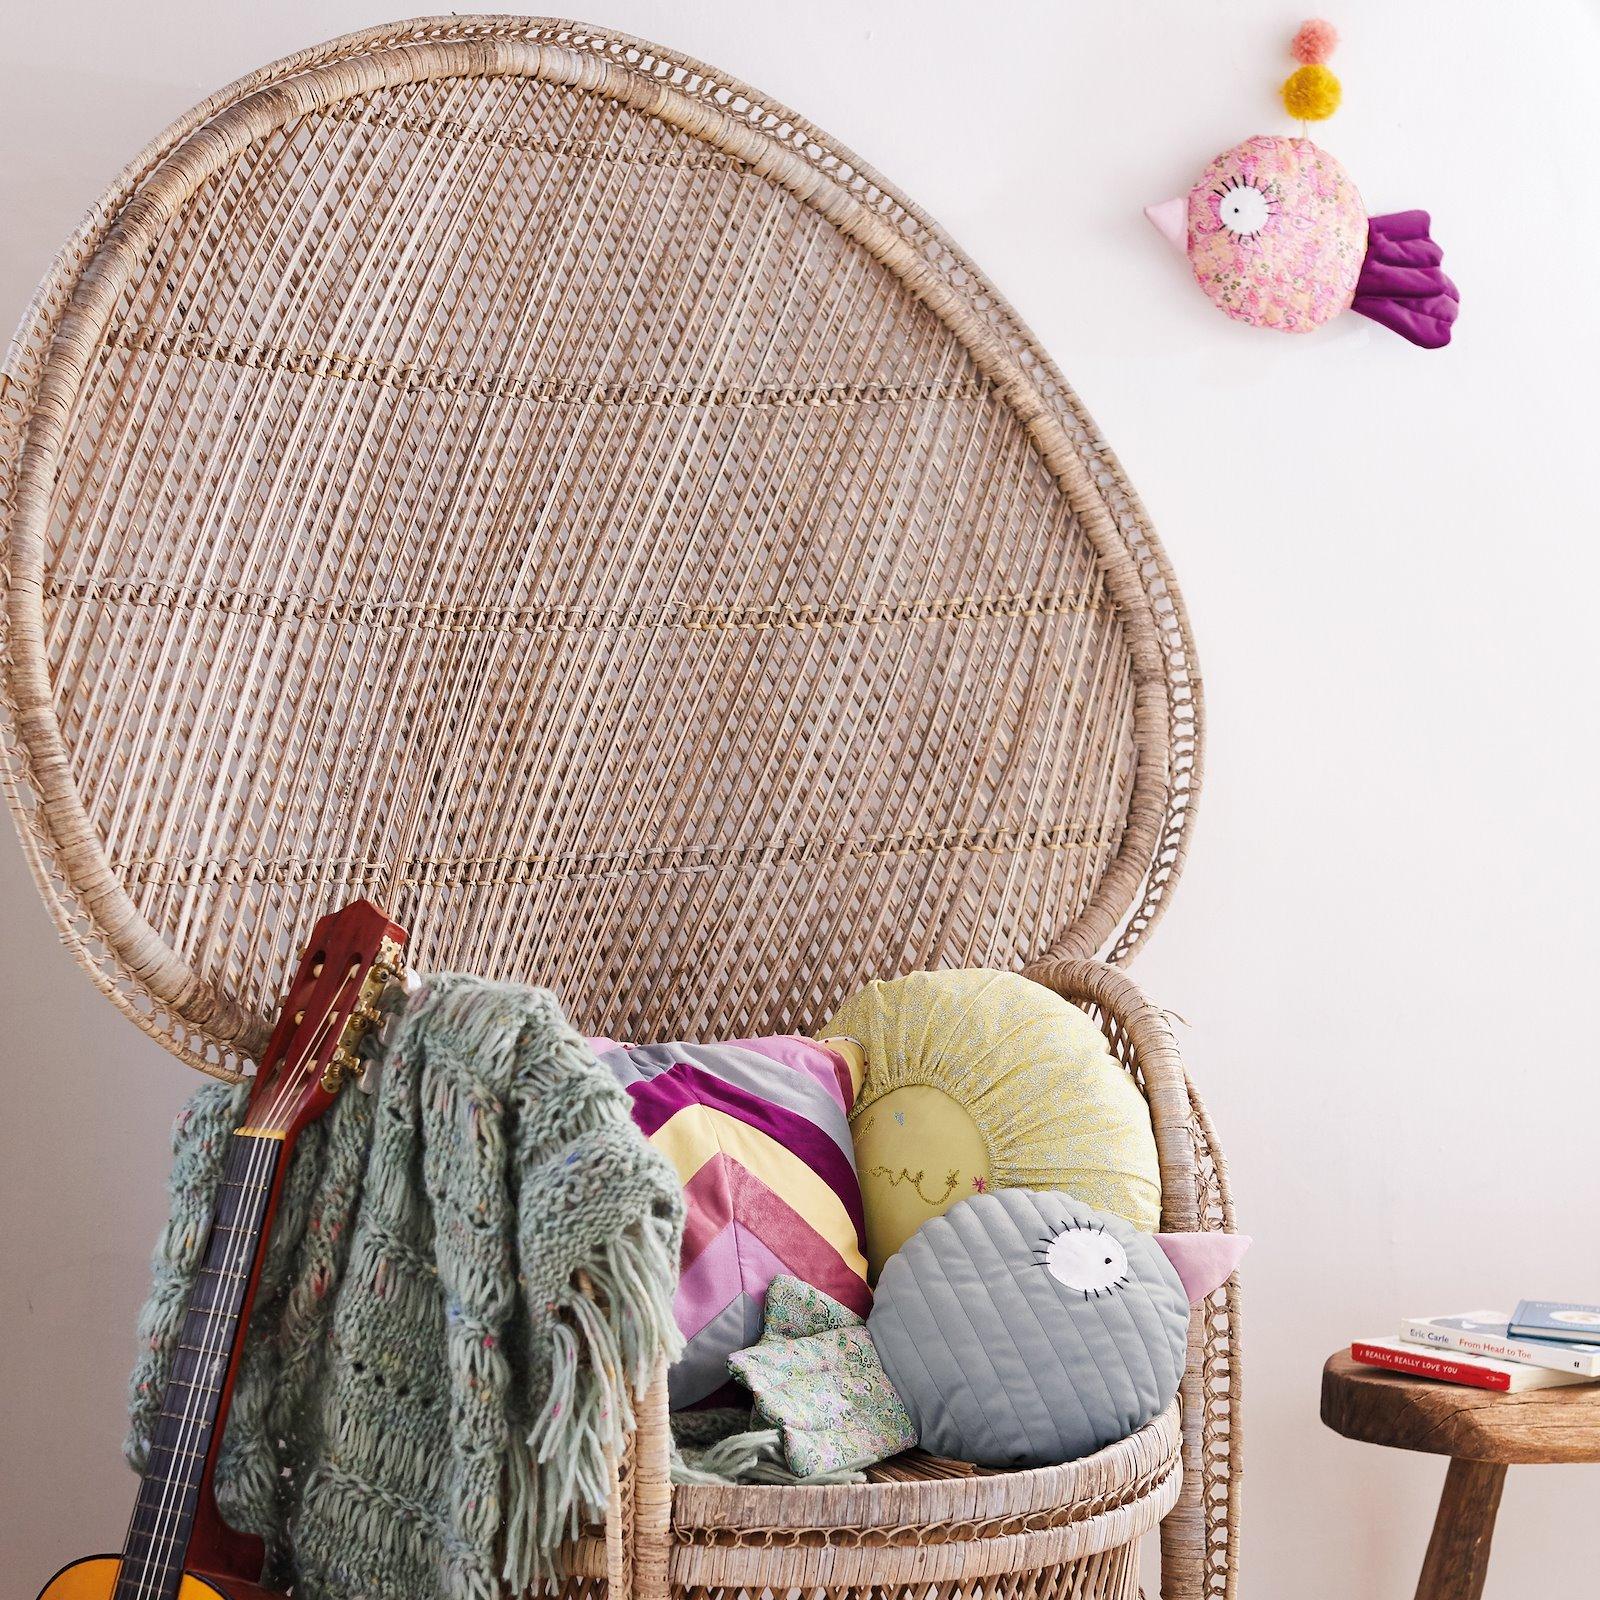 Upholstery shiny velvet light fuchsia 823763_824042_4355_823829_71304_p90278_852368_90055106_bundle